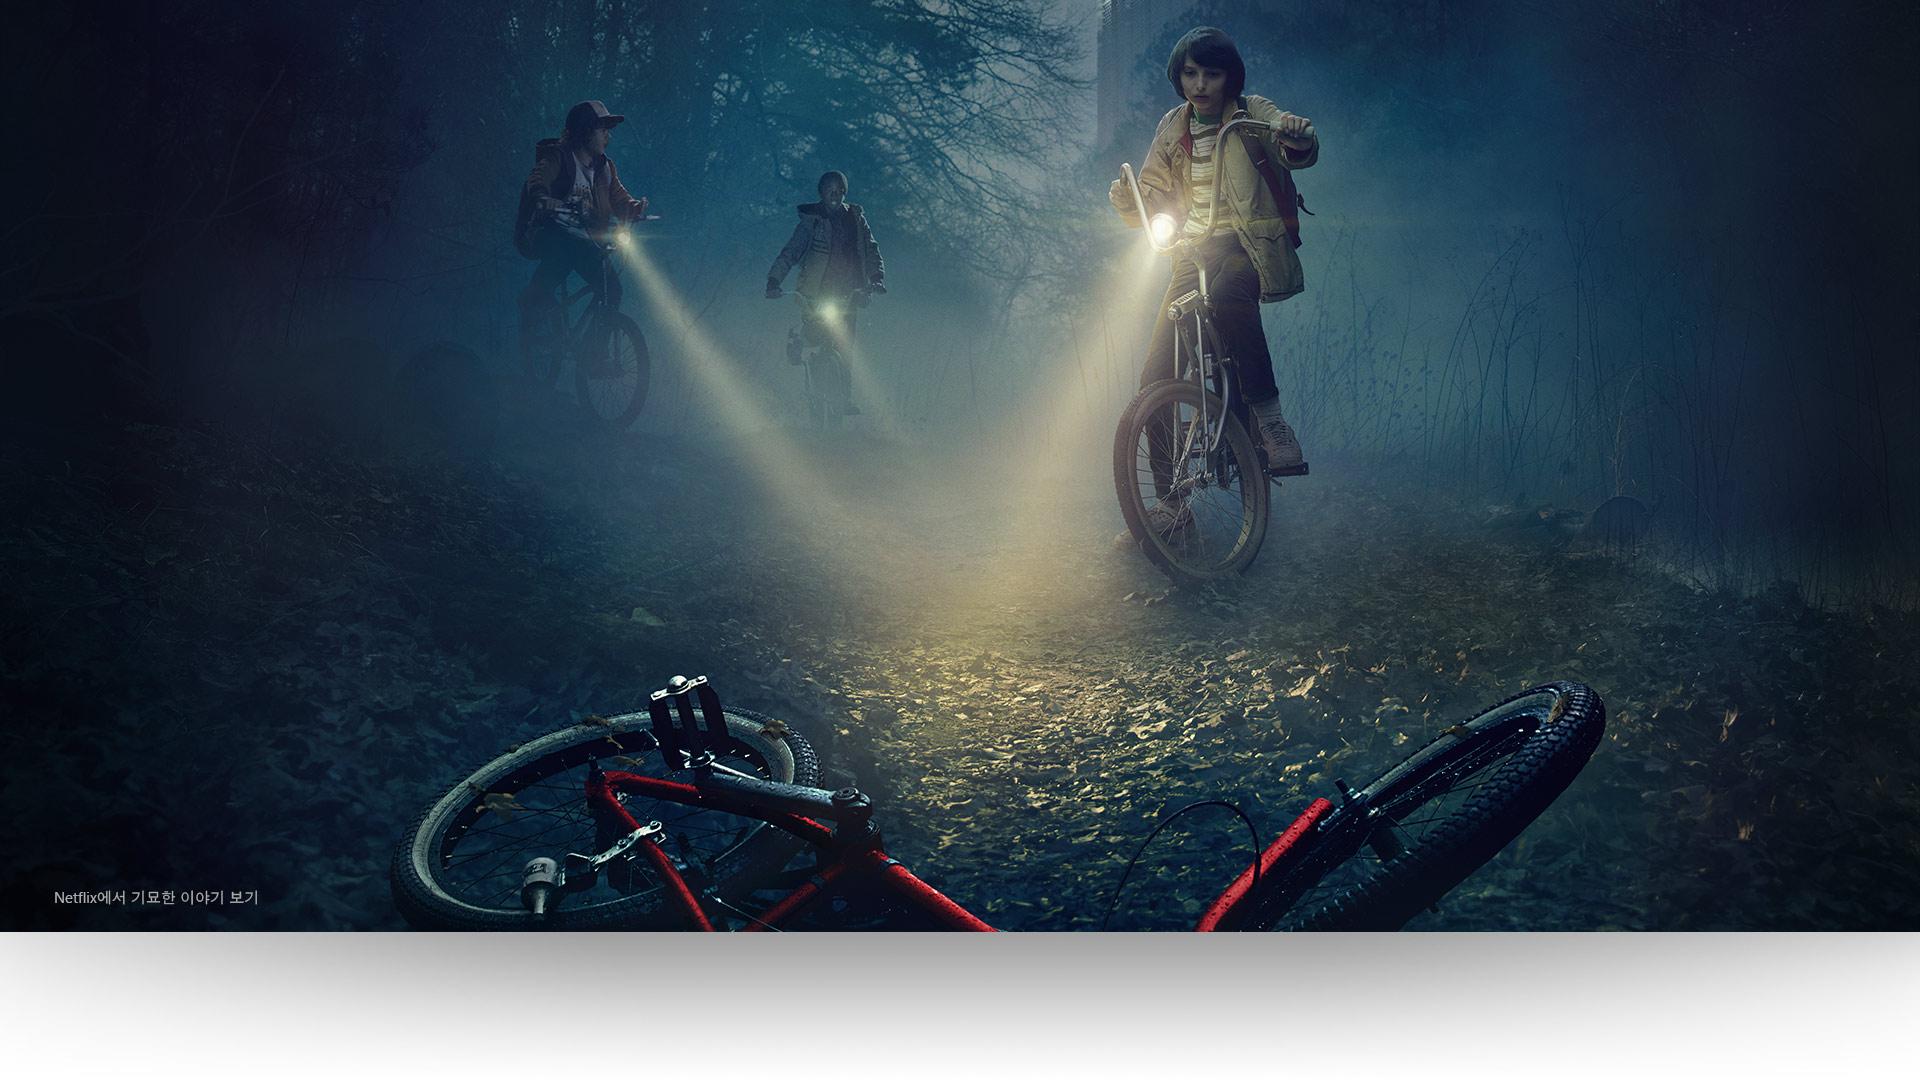 기묘한 이야기 – Dustin, Lucas 및 Mike는 음울한 숲 길에 버려진 자전거에 불을 비춥니다.